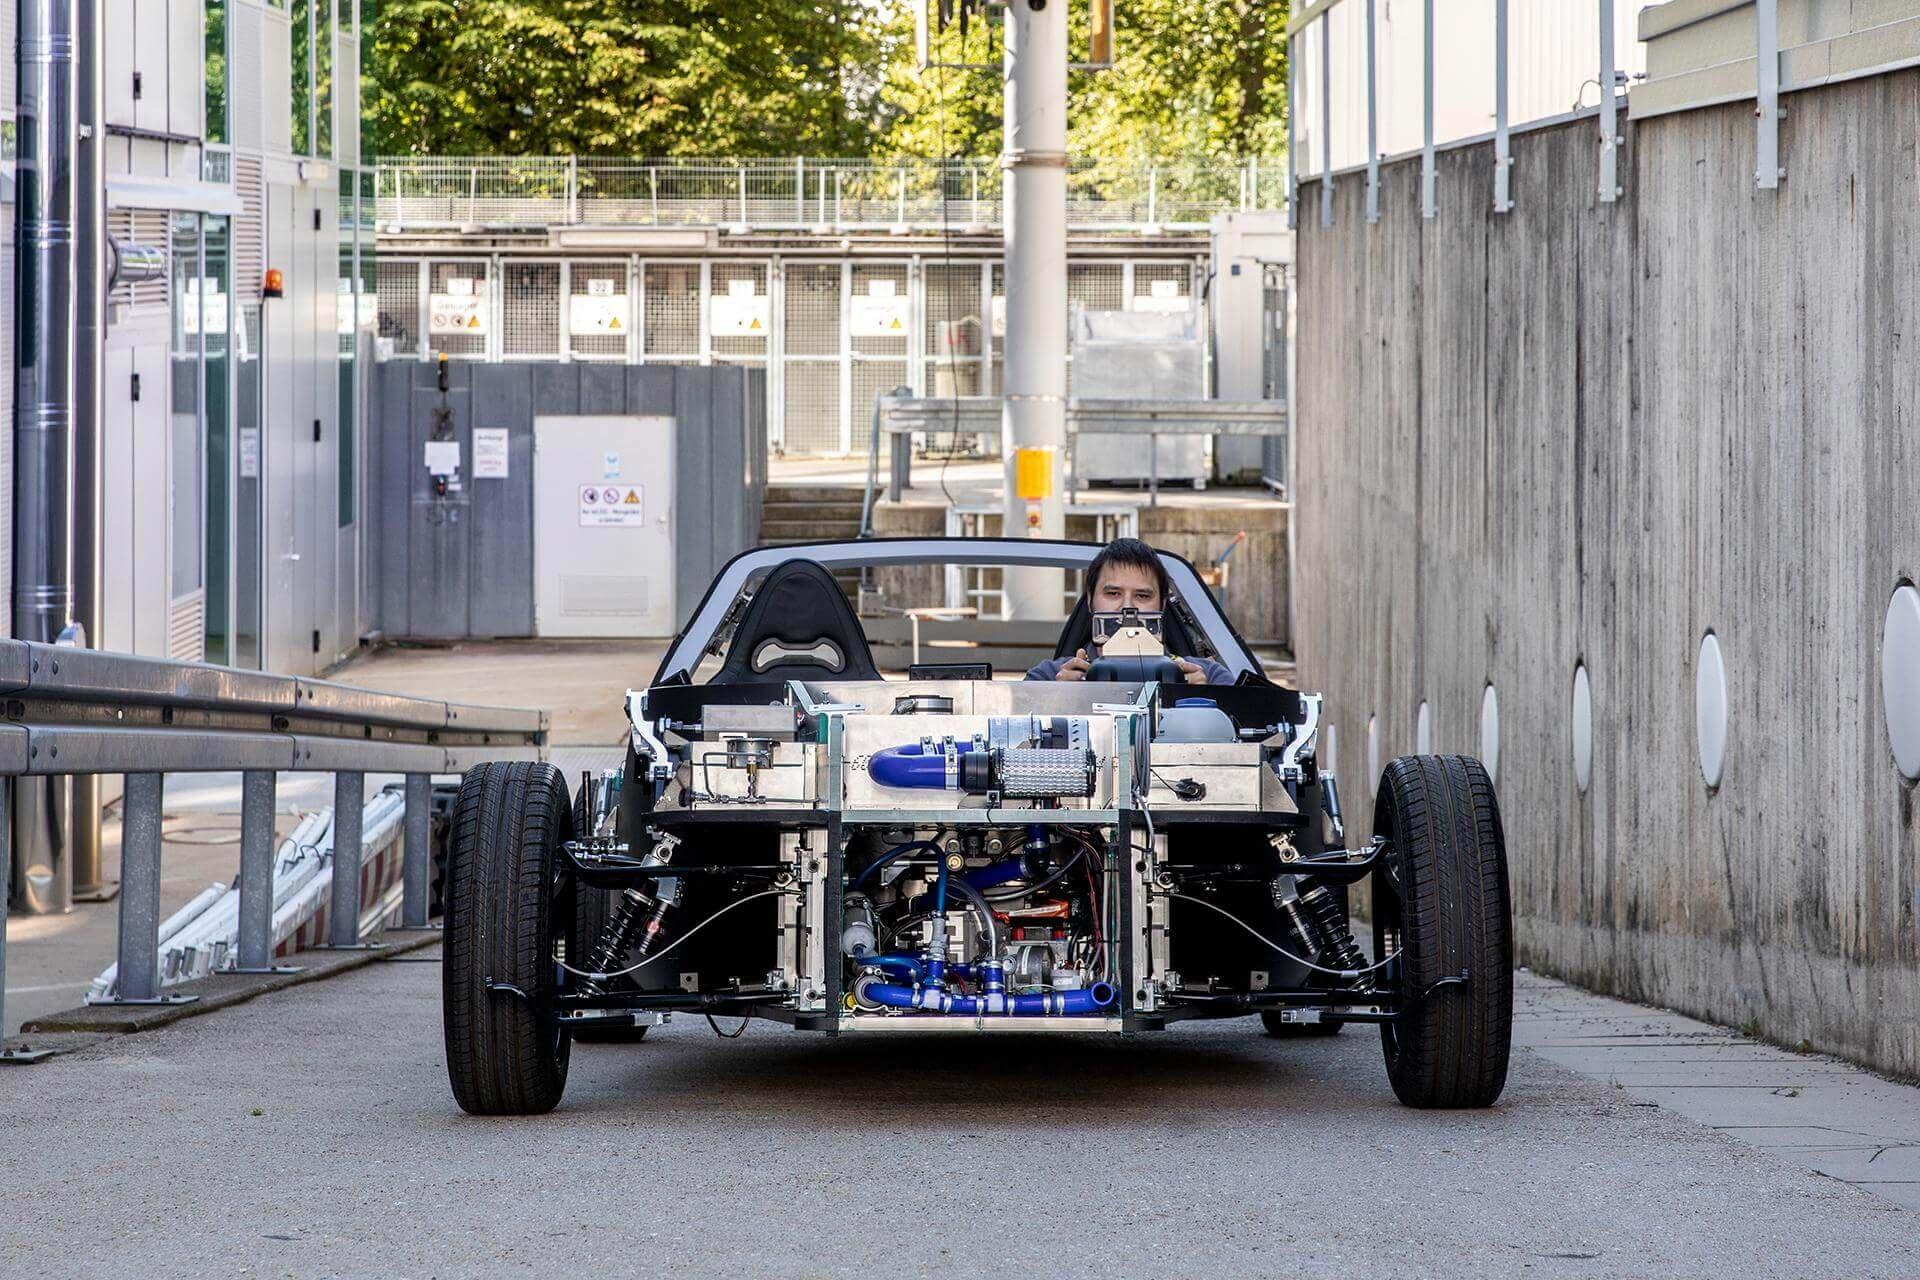 DLR представляет собой очень легкий и в то же время безопасный небольшой водородный электромобиль